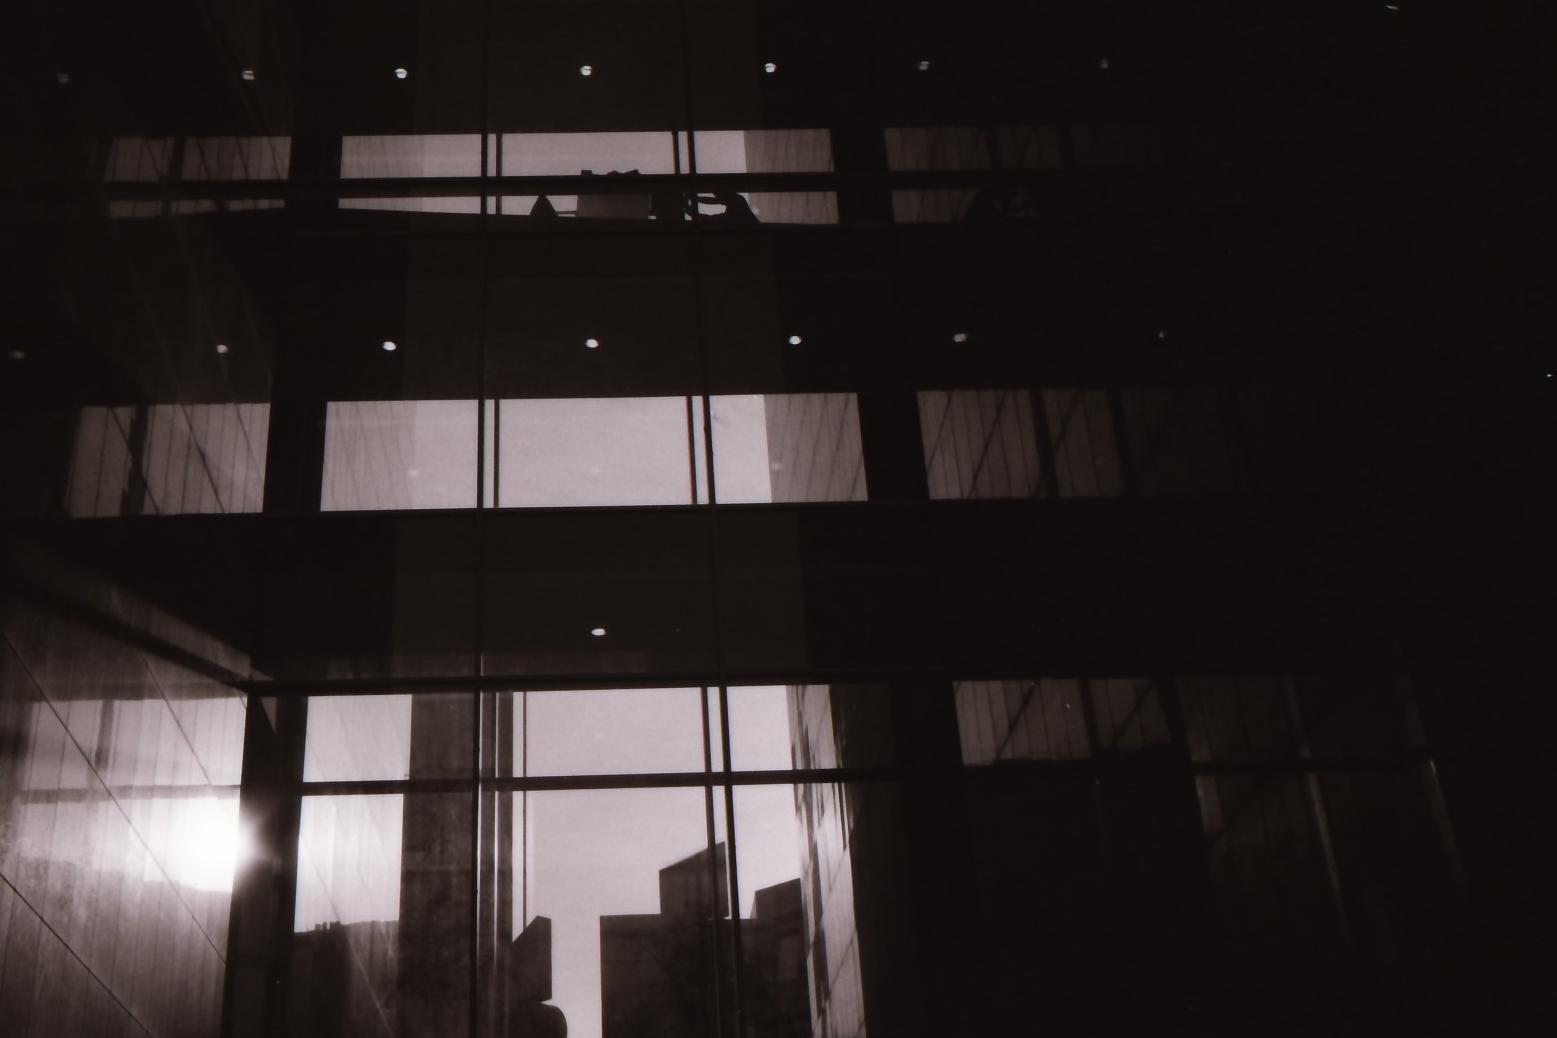 Scan_Leica_20140122_04